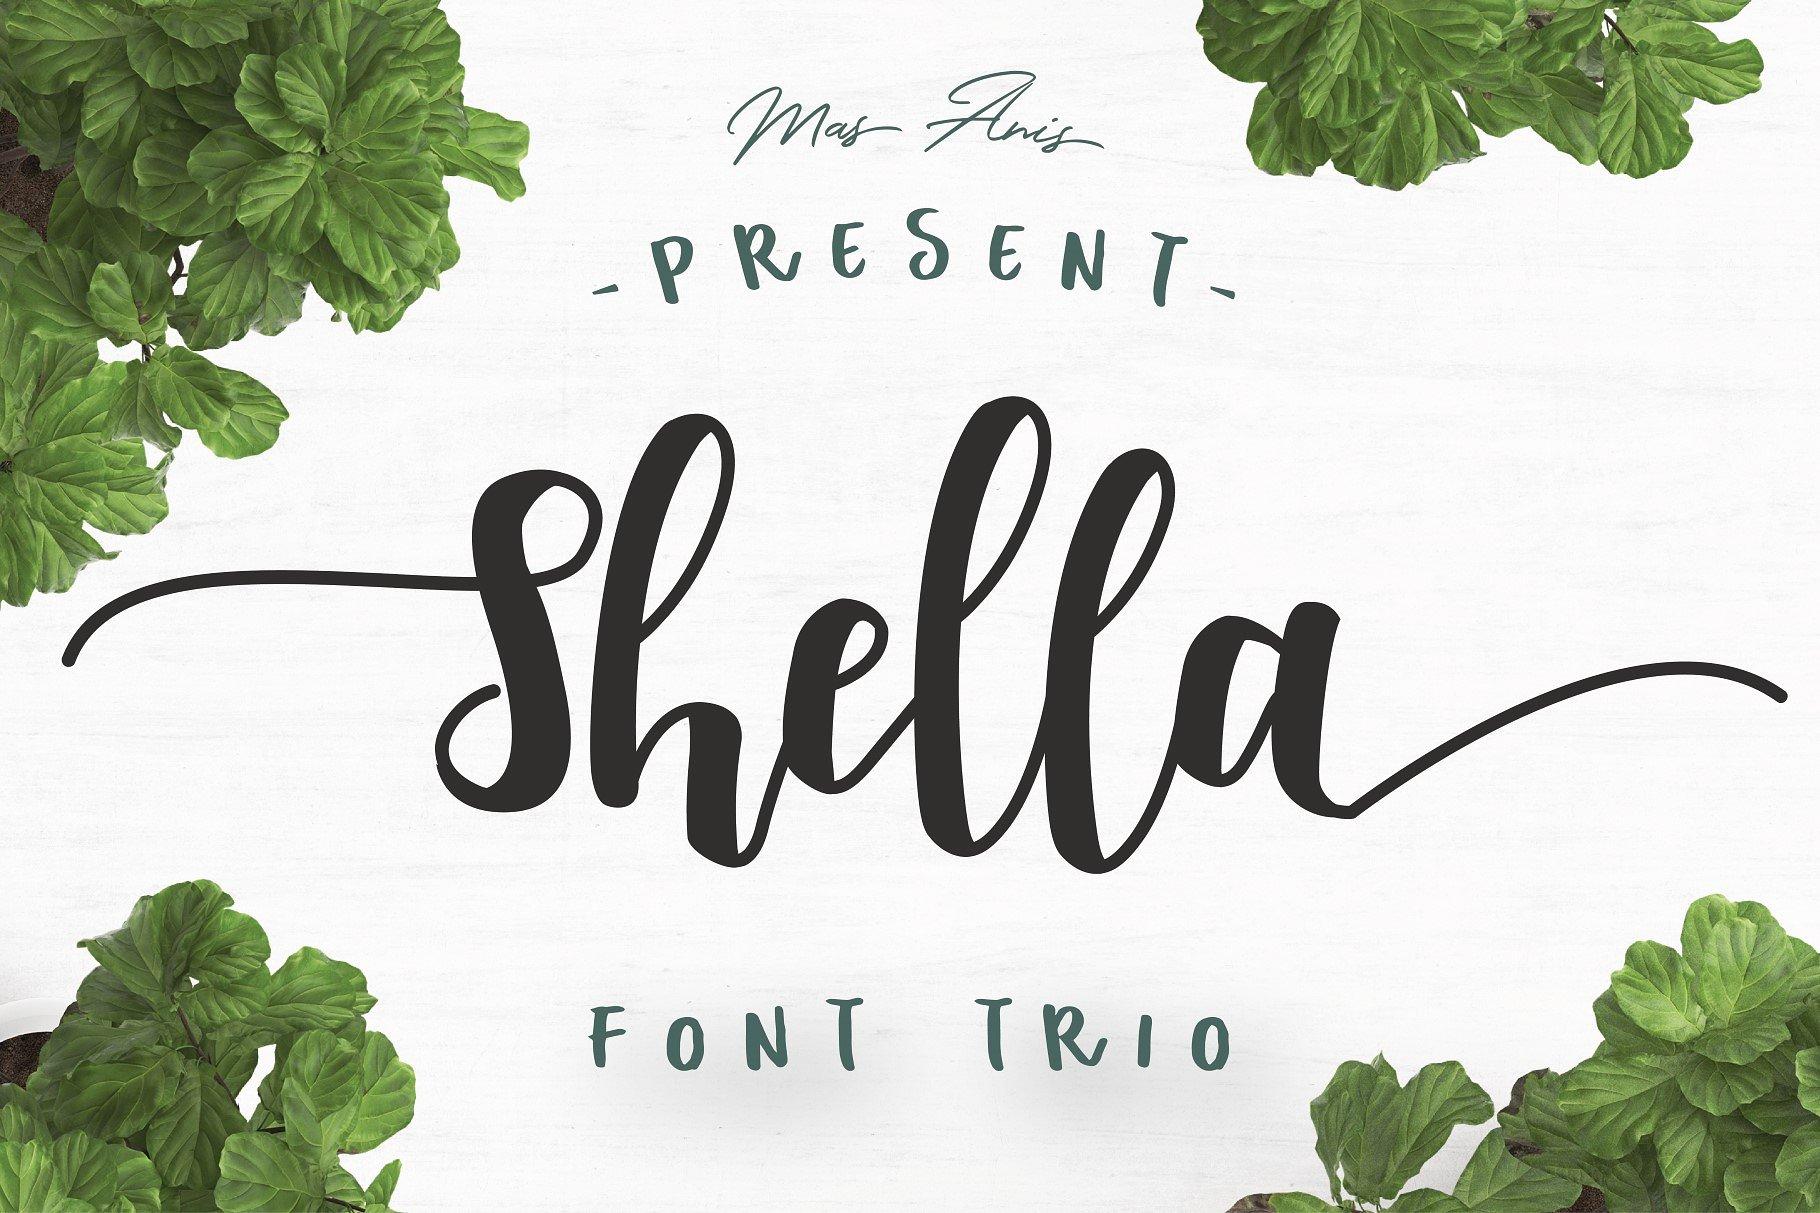 Shella Brush